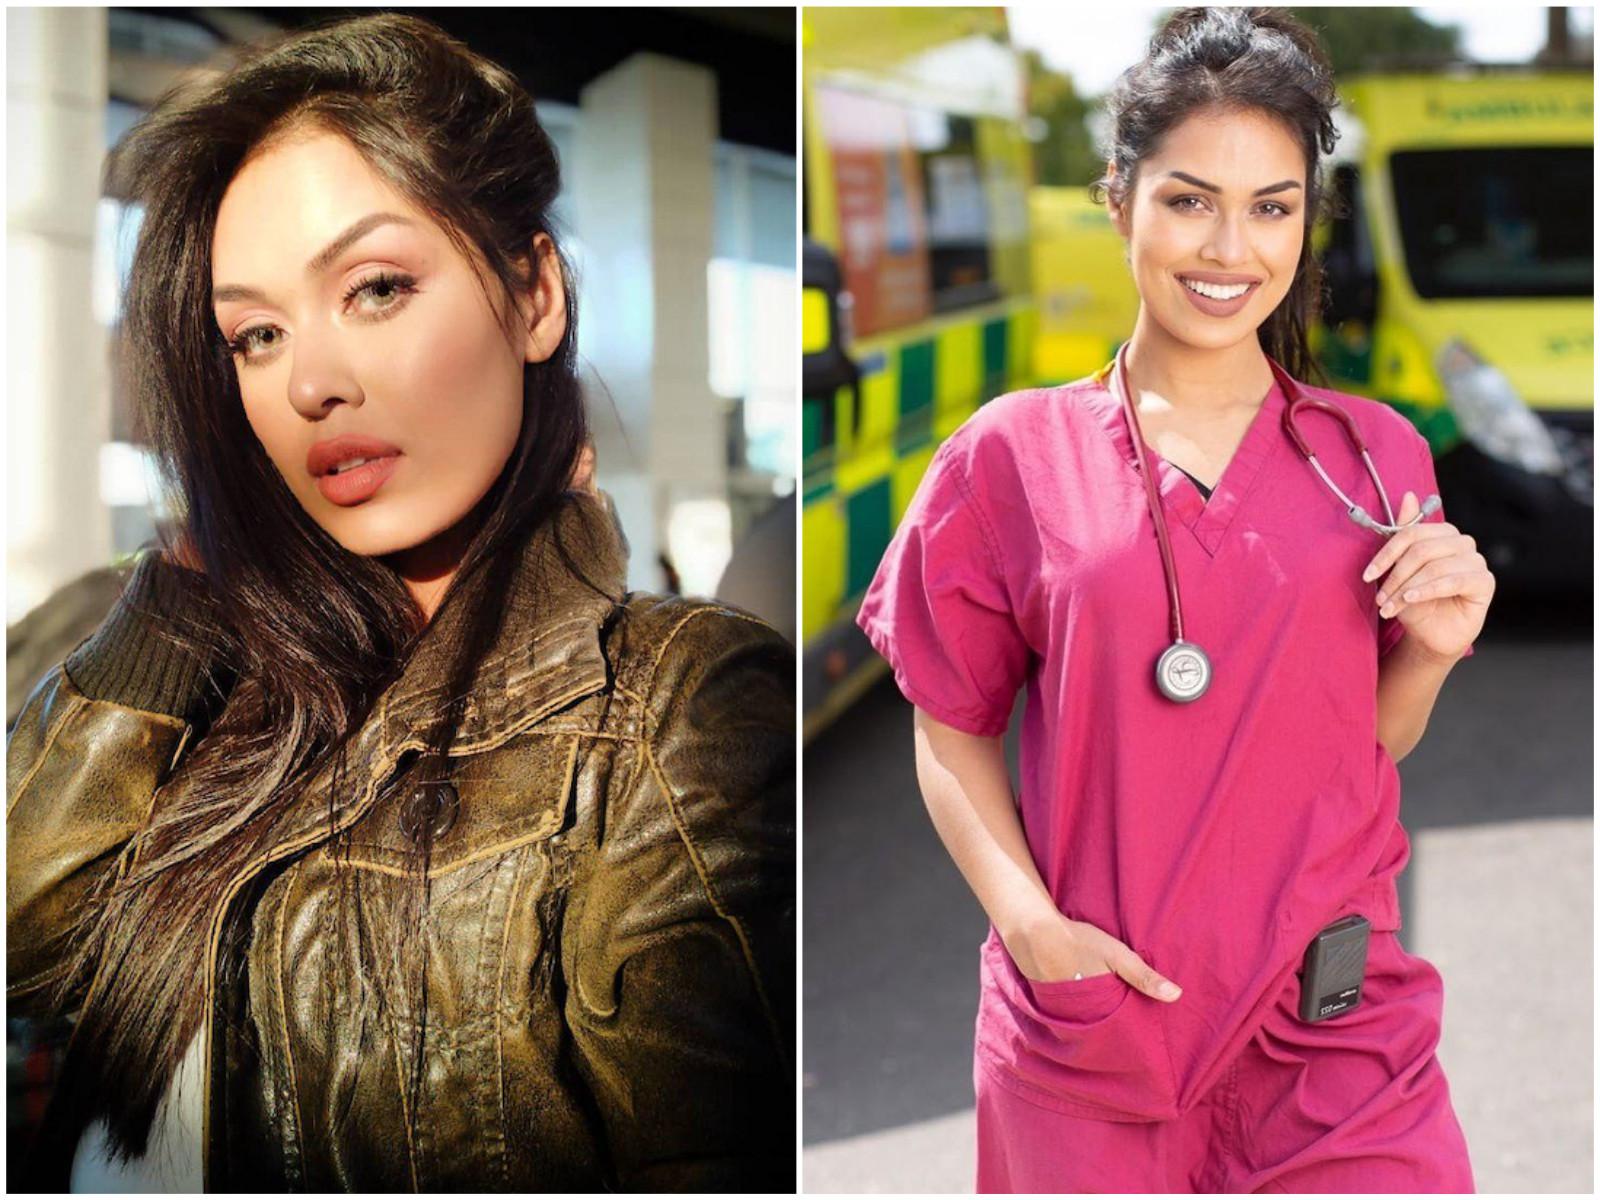 Королева красоты будет работать в больнице, чтобы помочь в борьбе с коронавирусом - ФОТО